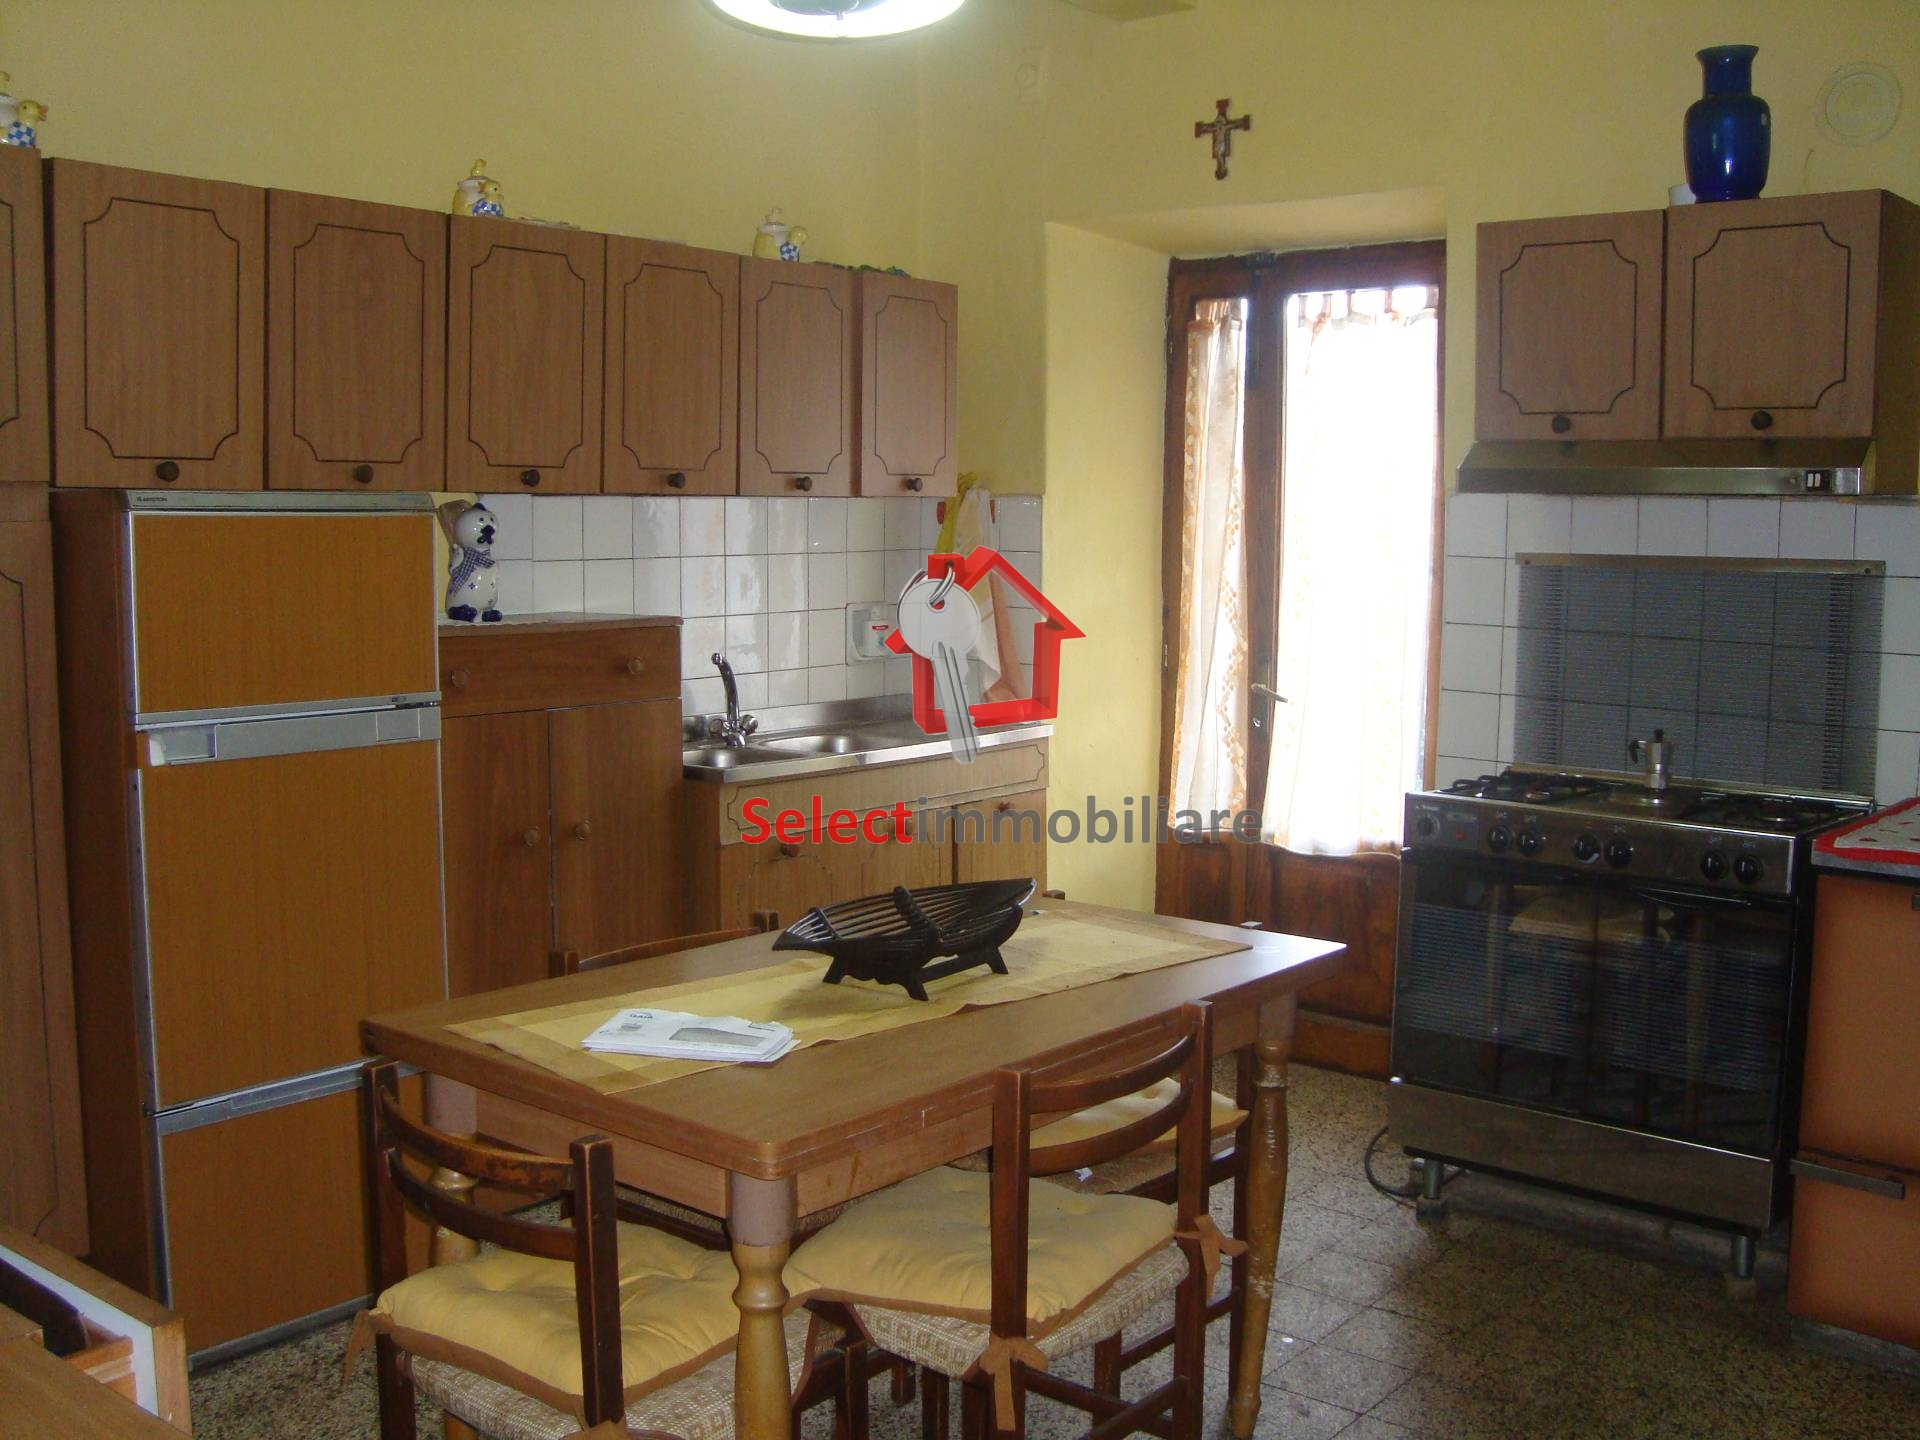 Soluzione Semindipendente in affitto a Borgo a Mozzano, 5 locali, zona Zona: Anchiano, prezzo € 110.000 | Cambio Casa.it